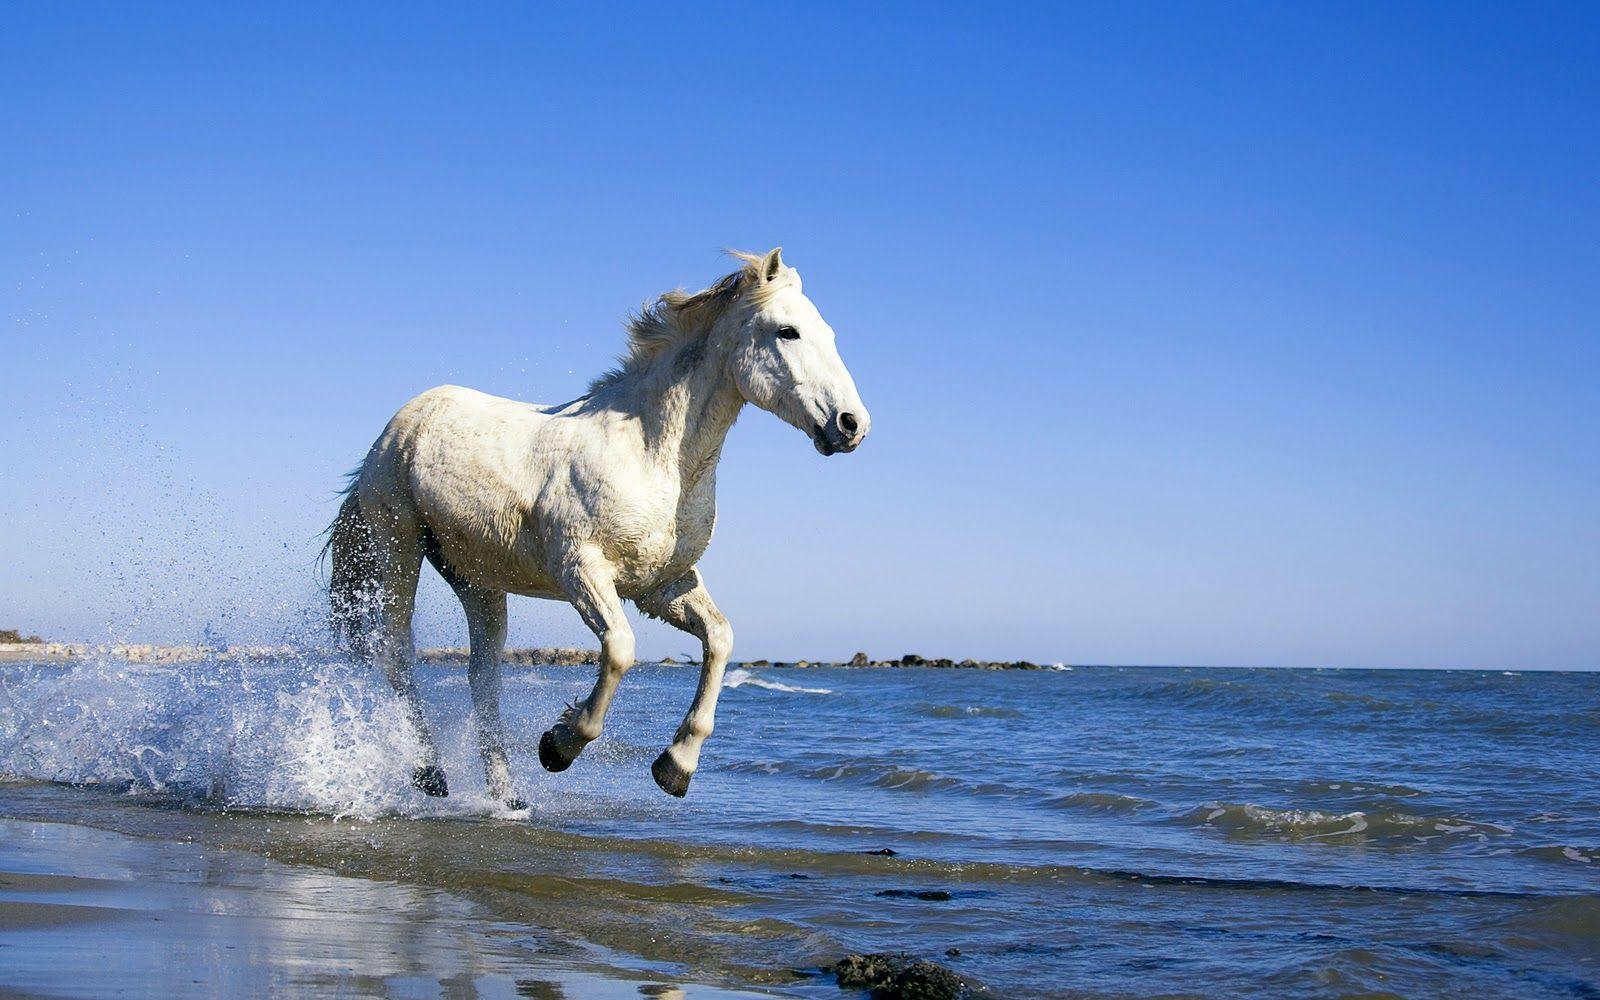 Simple Wallpaper Horse Beach - dd3595638aed259685d0033385c43d7b  Image_64145.jpg